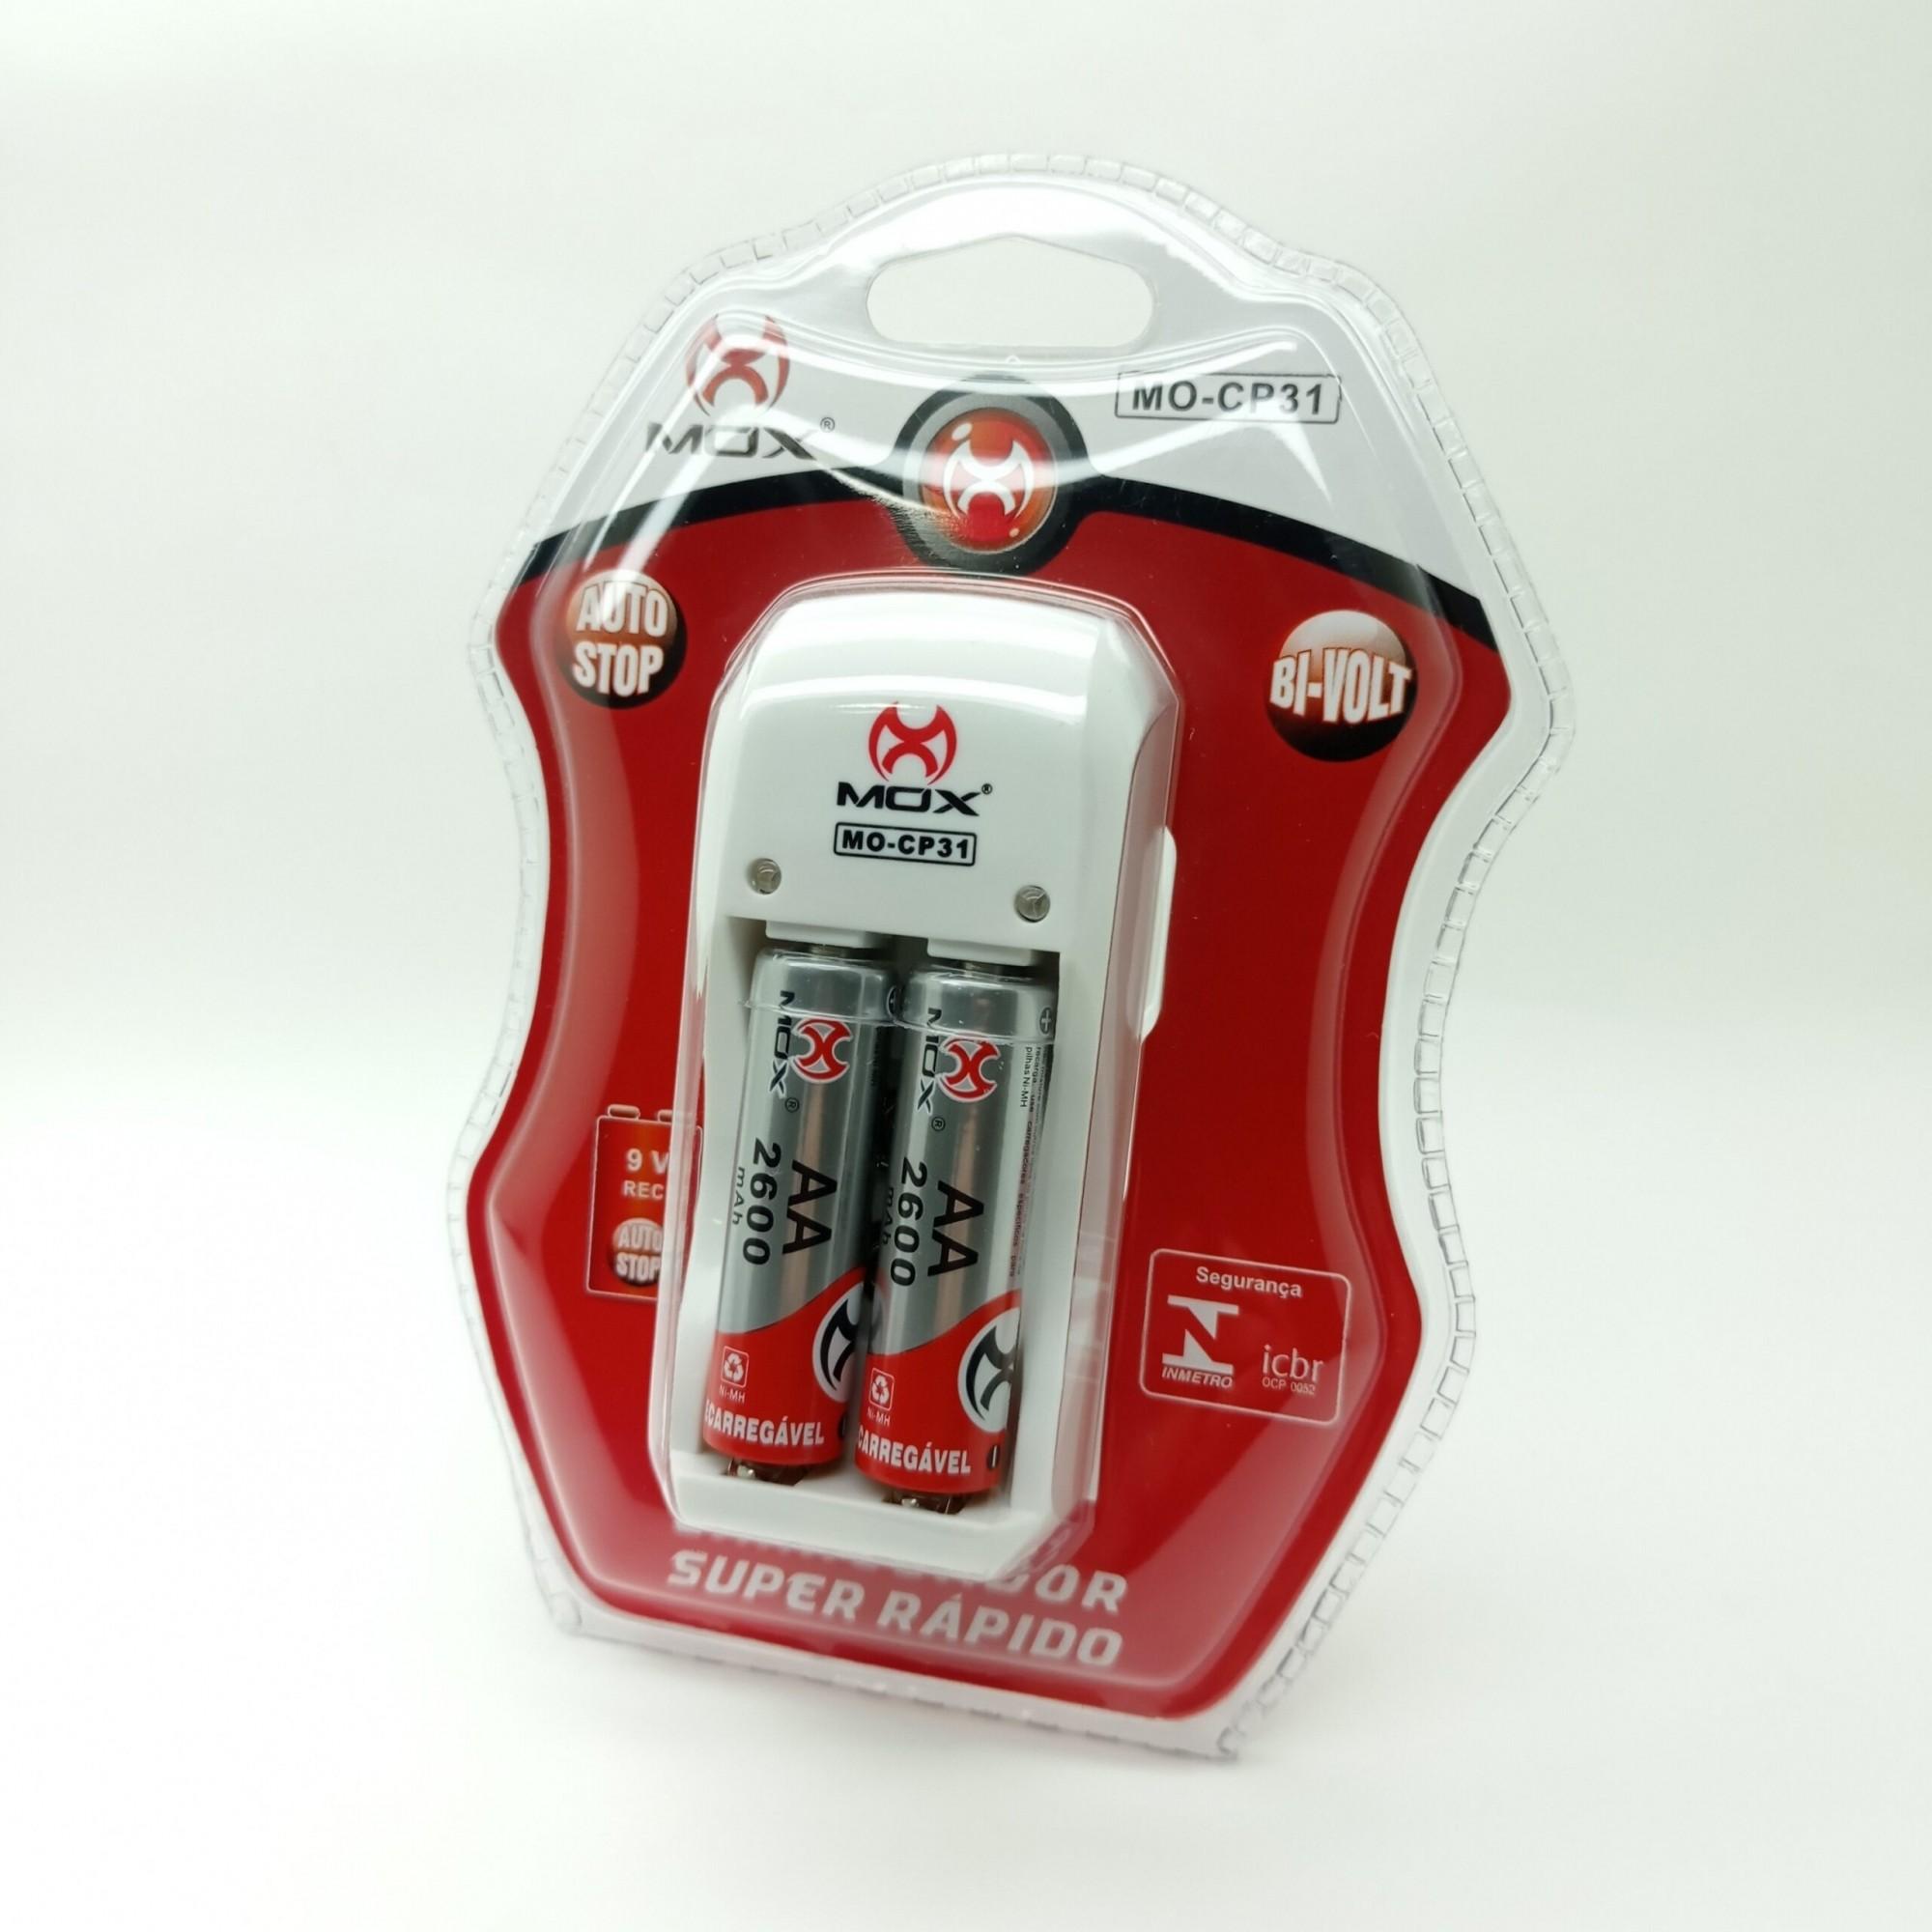 Carregador De Pilhas Aa Aaa 9v Mox Bi-volt Auto Stop MO-CP31 C/2 Pilhas AA 2600Mah